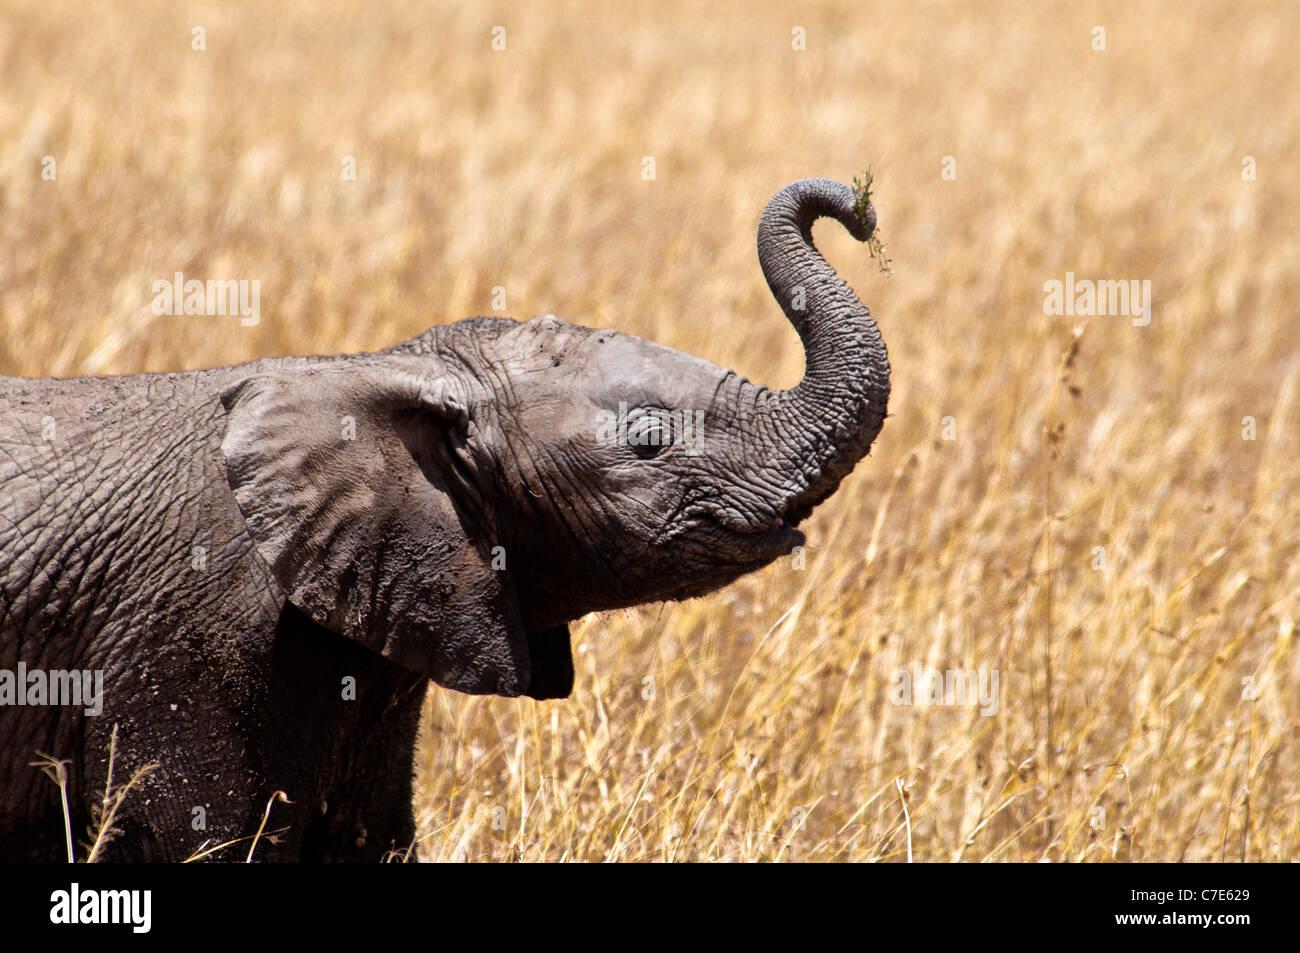 Bébé éléphant africain, Loxodonta africana, tronc soulevé, Masai Mara National Reserve, Photo Stock